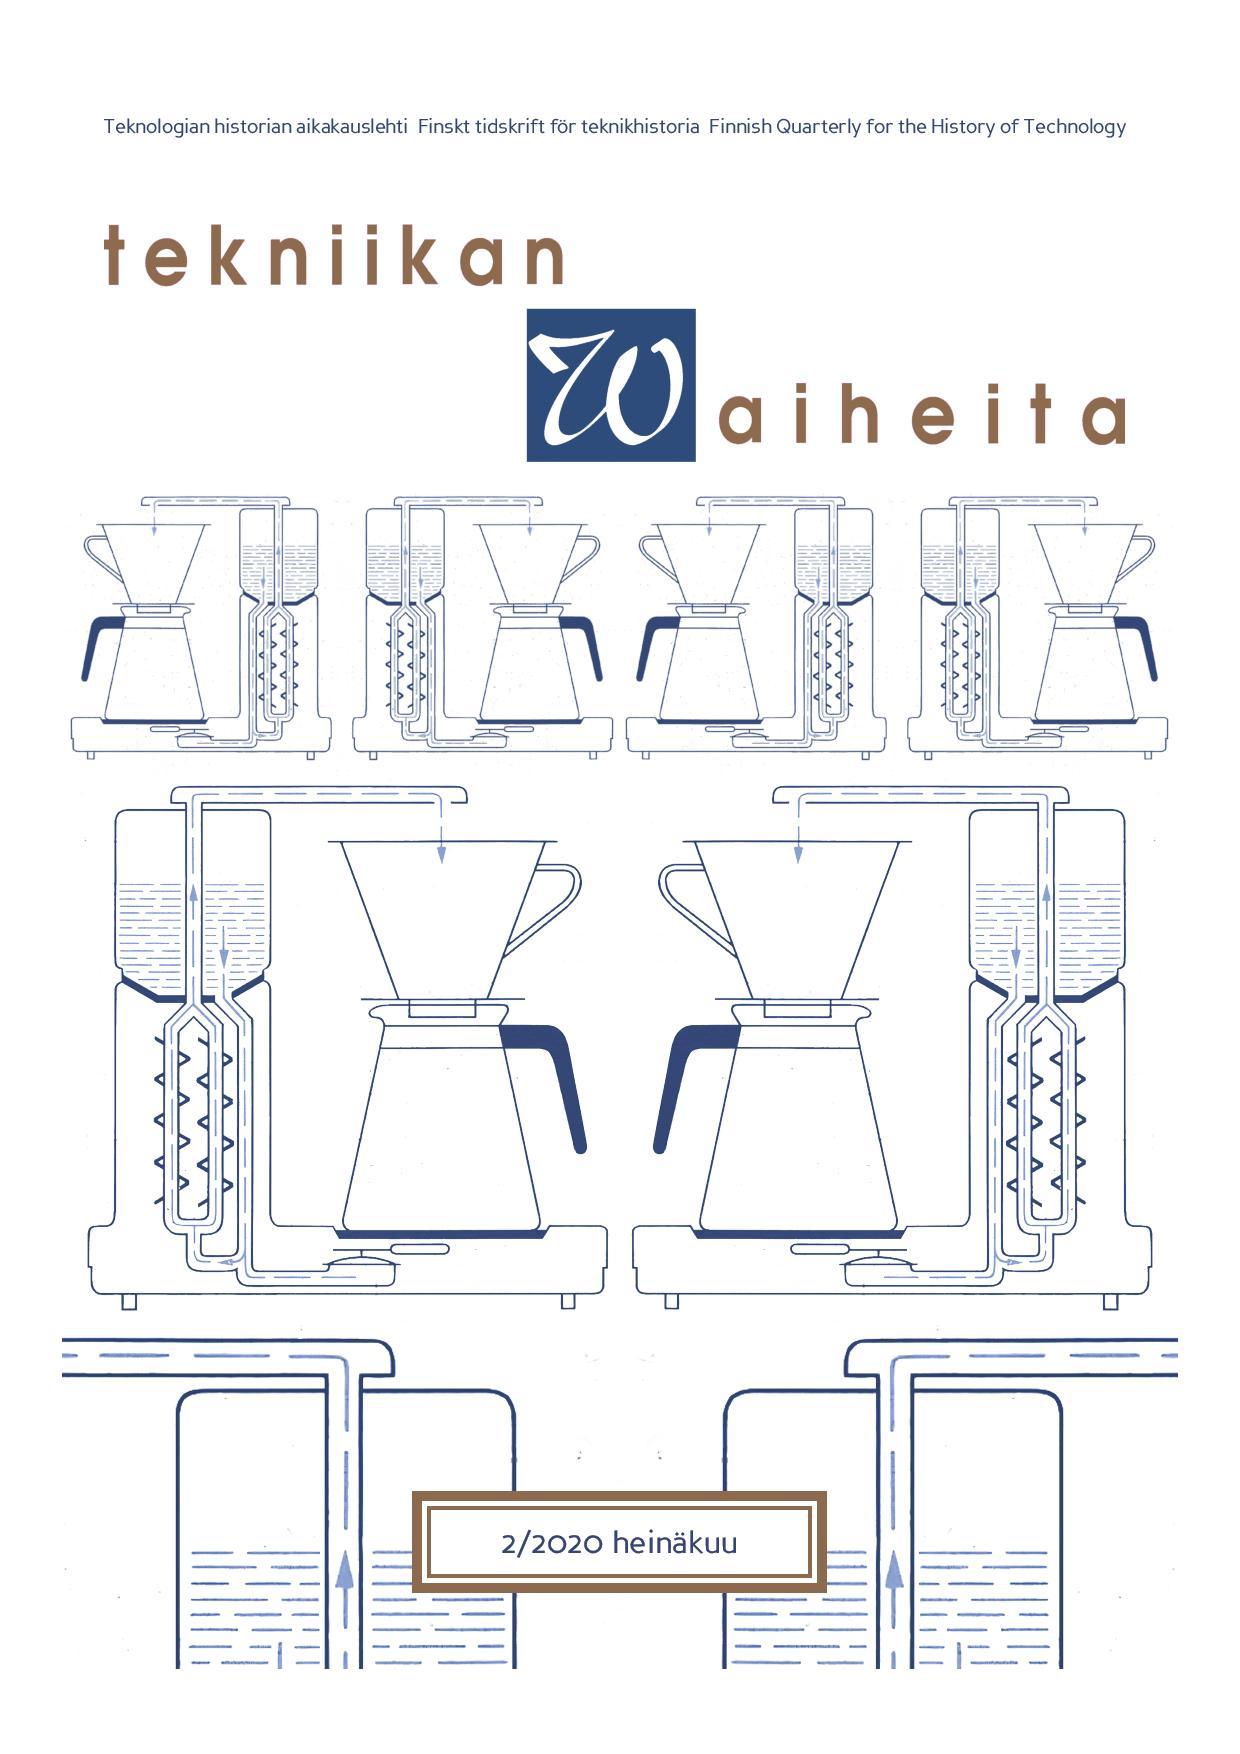 Tekniikan Waiheita vol. 38 no. 2 (2020)